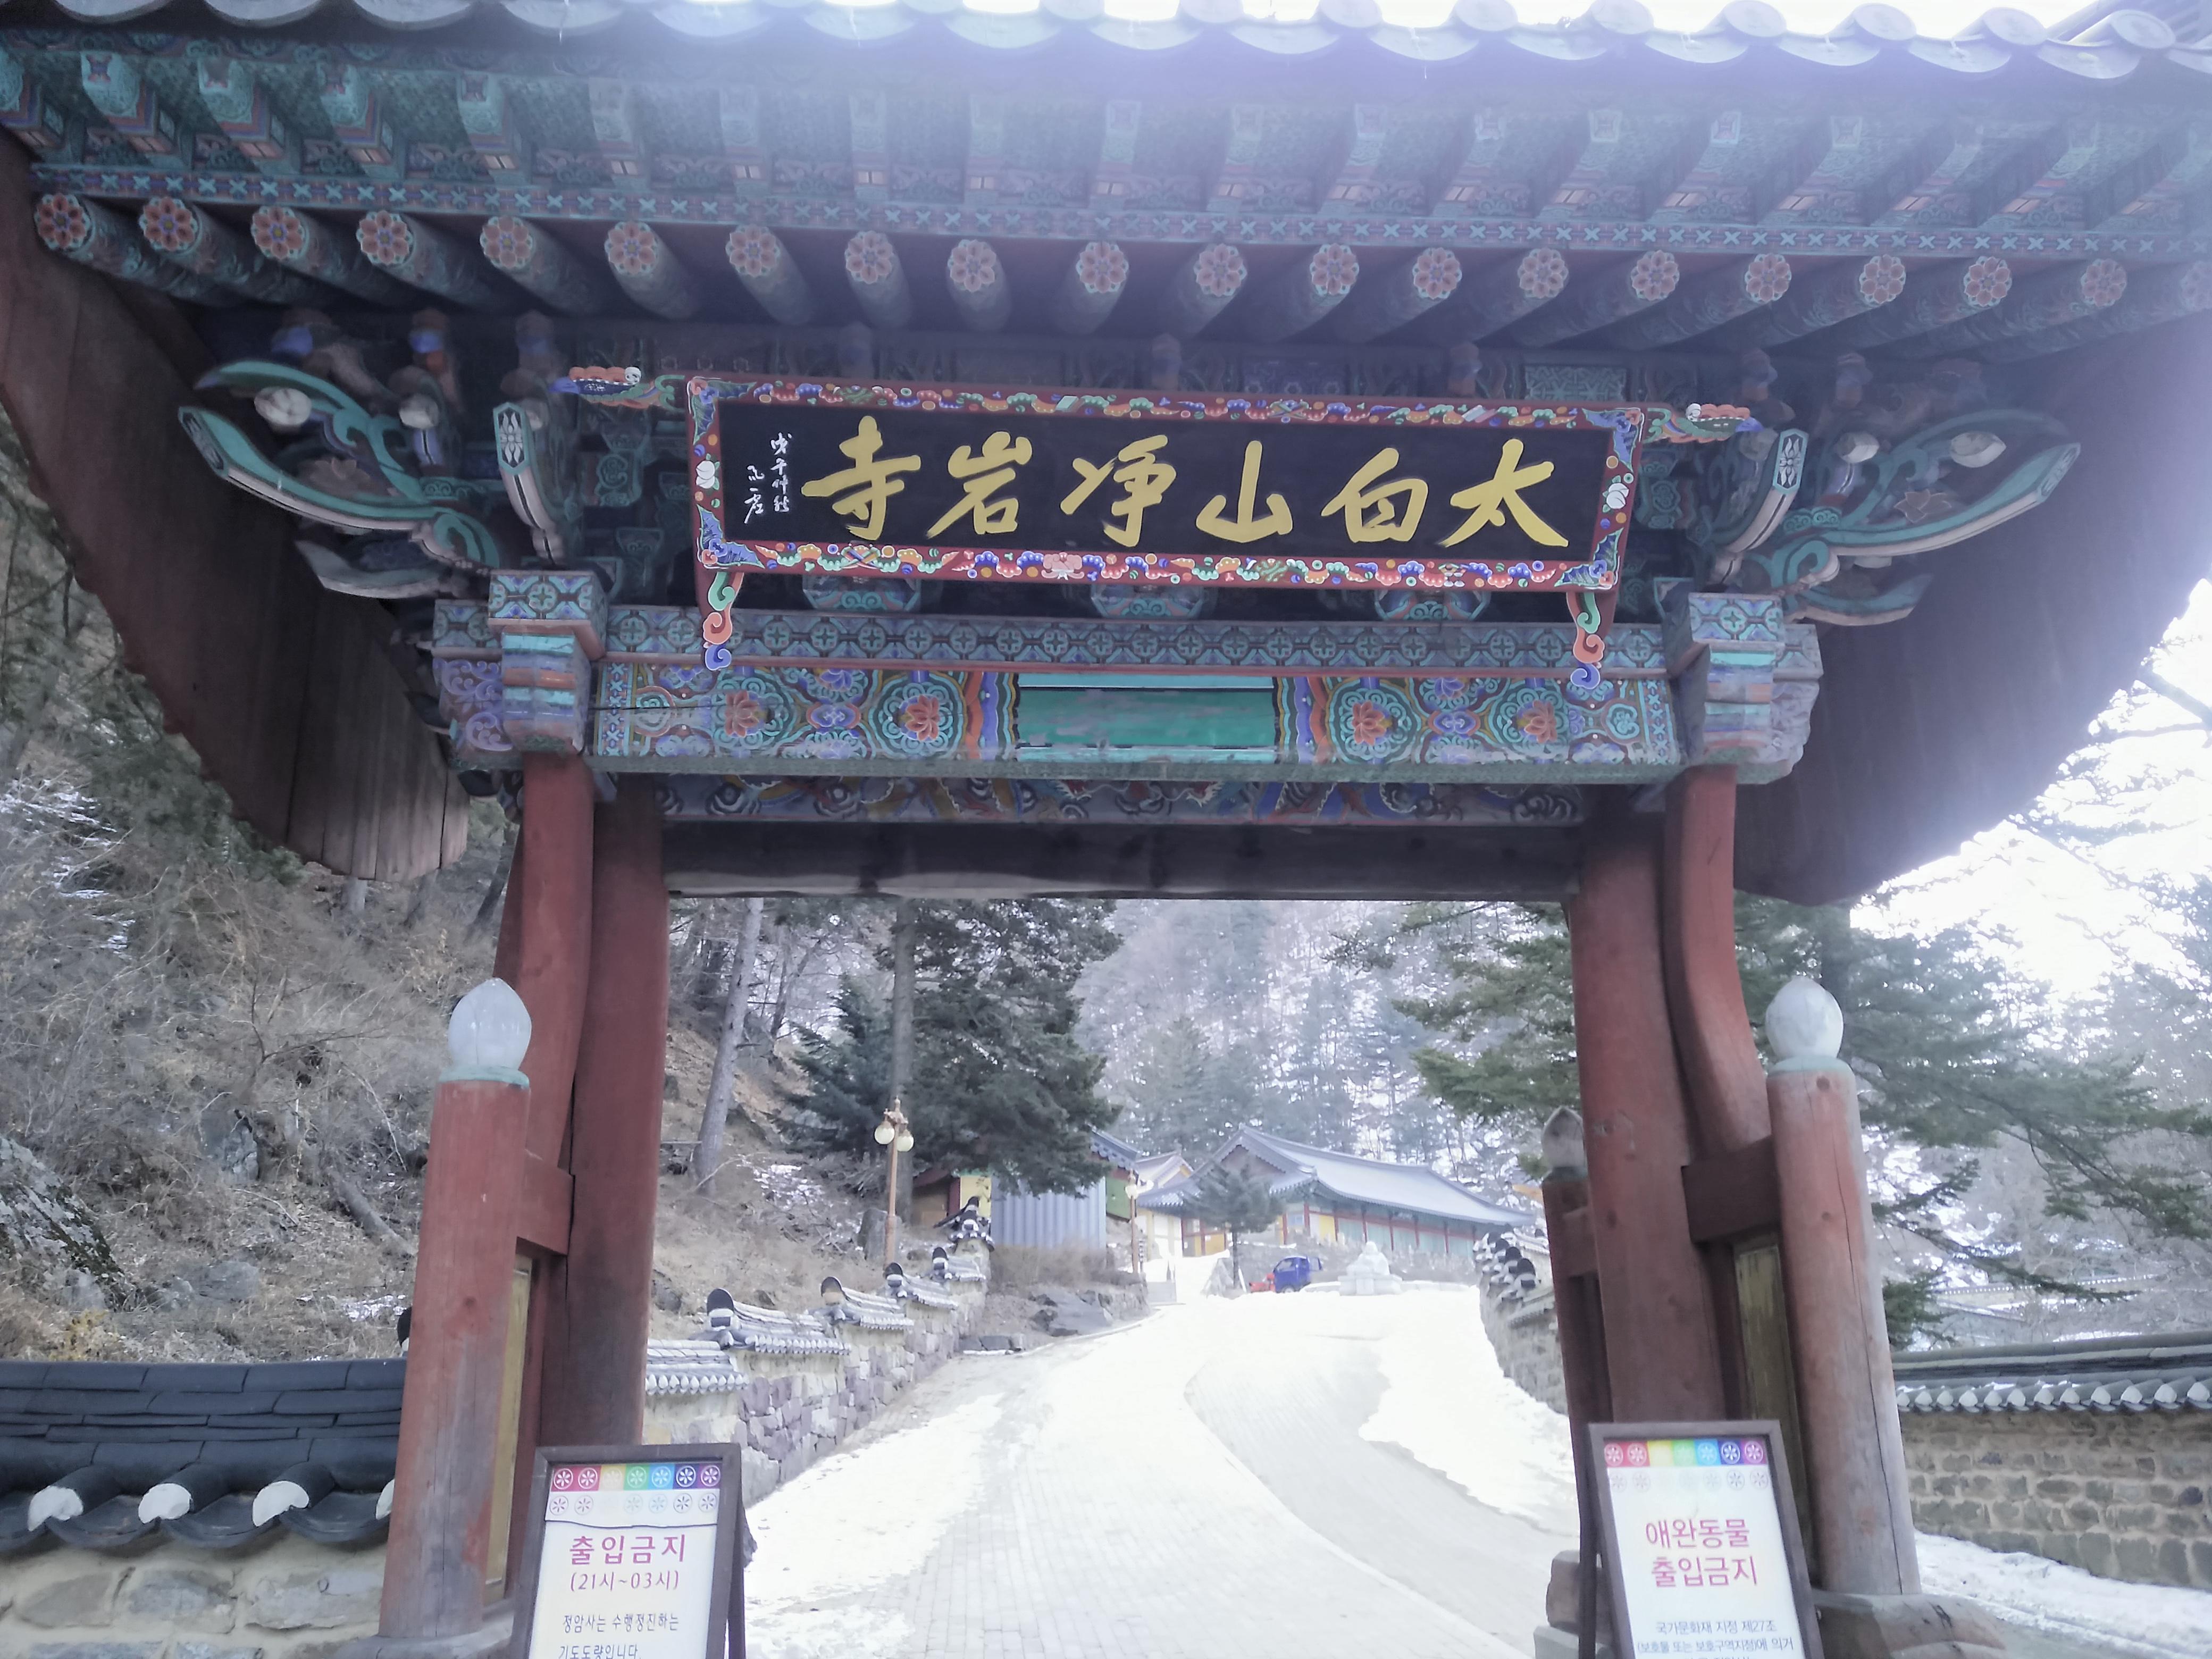 태백산 정암사 太白山 淨岩寺